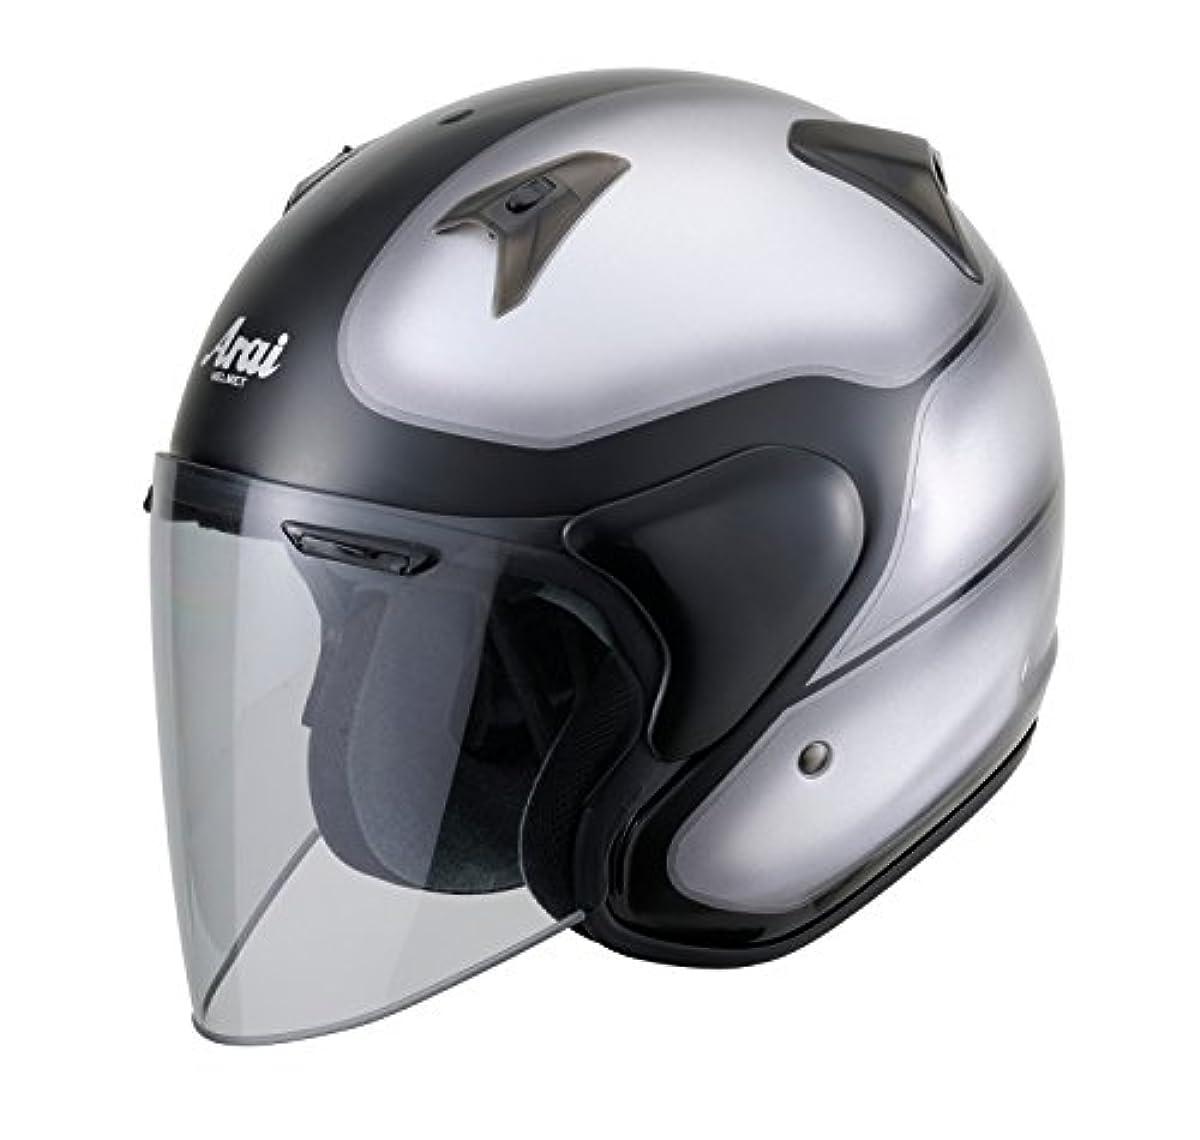 [해외] 아라이 오토바이 헬멧 제트 SZ-G VINTAGE빈티지 블랙/실버 M 57-58CM SZ-G VINTAGE